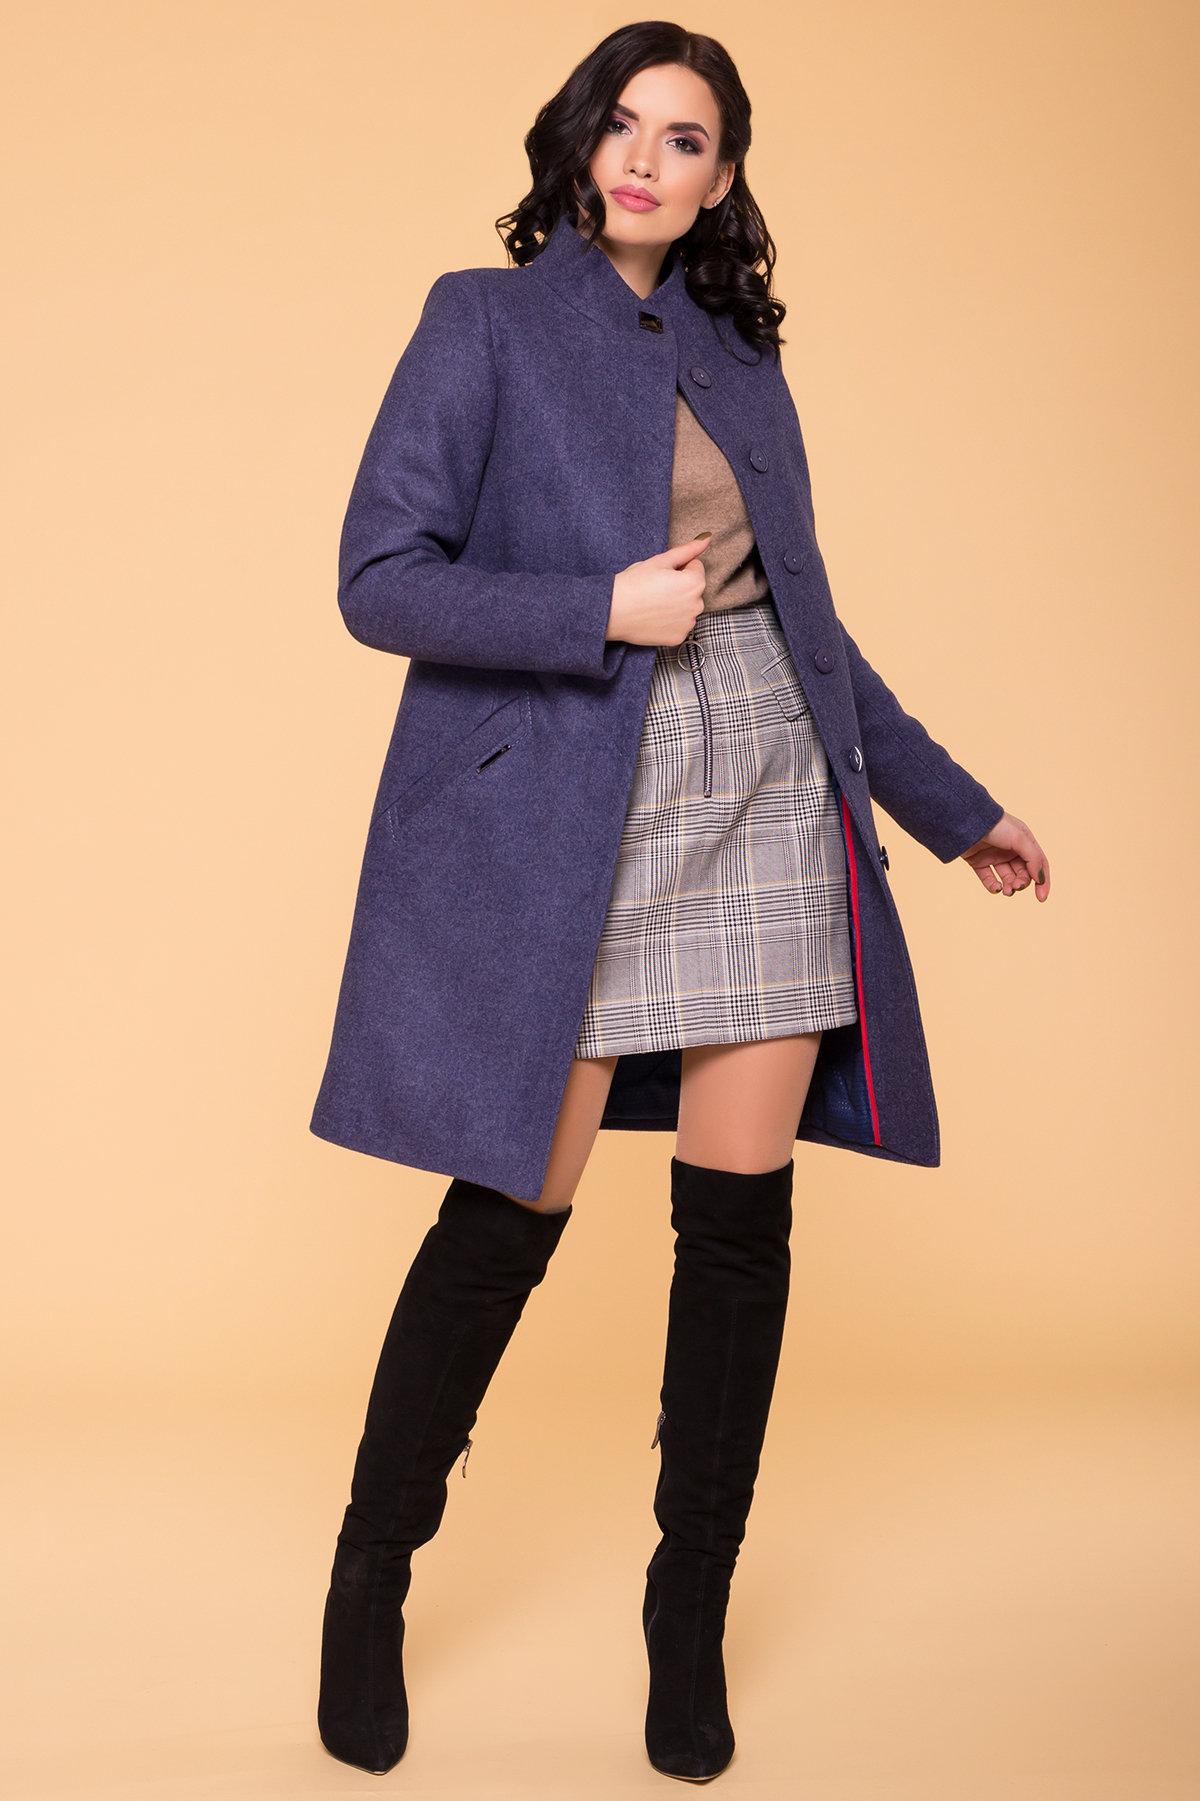 Пальто зима (шарф-хомут в комплекте) Люцея 5884 АРТ. 39421 Цвет: Джинс 57 - фото 3, интернет магазин tm-modus.ru